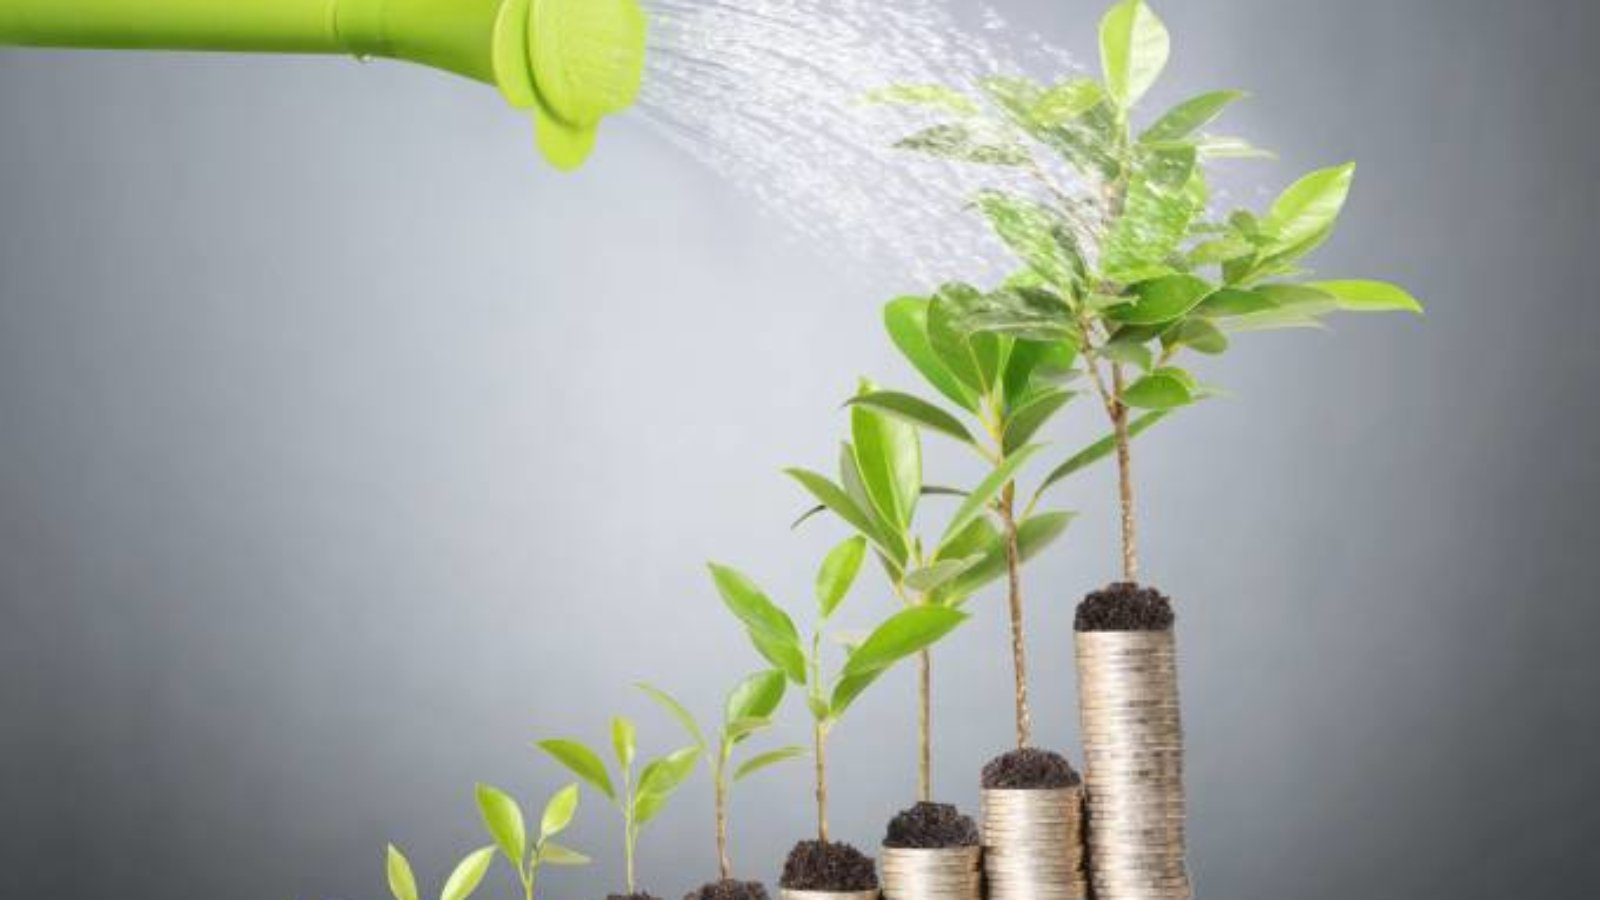 Linhas de crédito facilitam o investimento na energia fotovoltaica. Ilustração: denphumi/Thinkstock